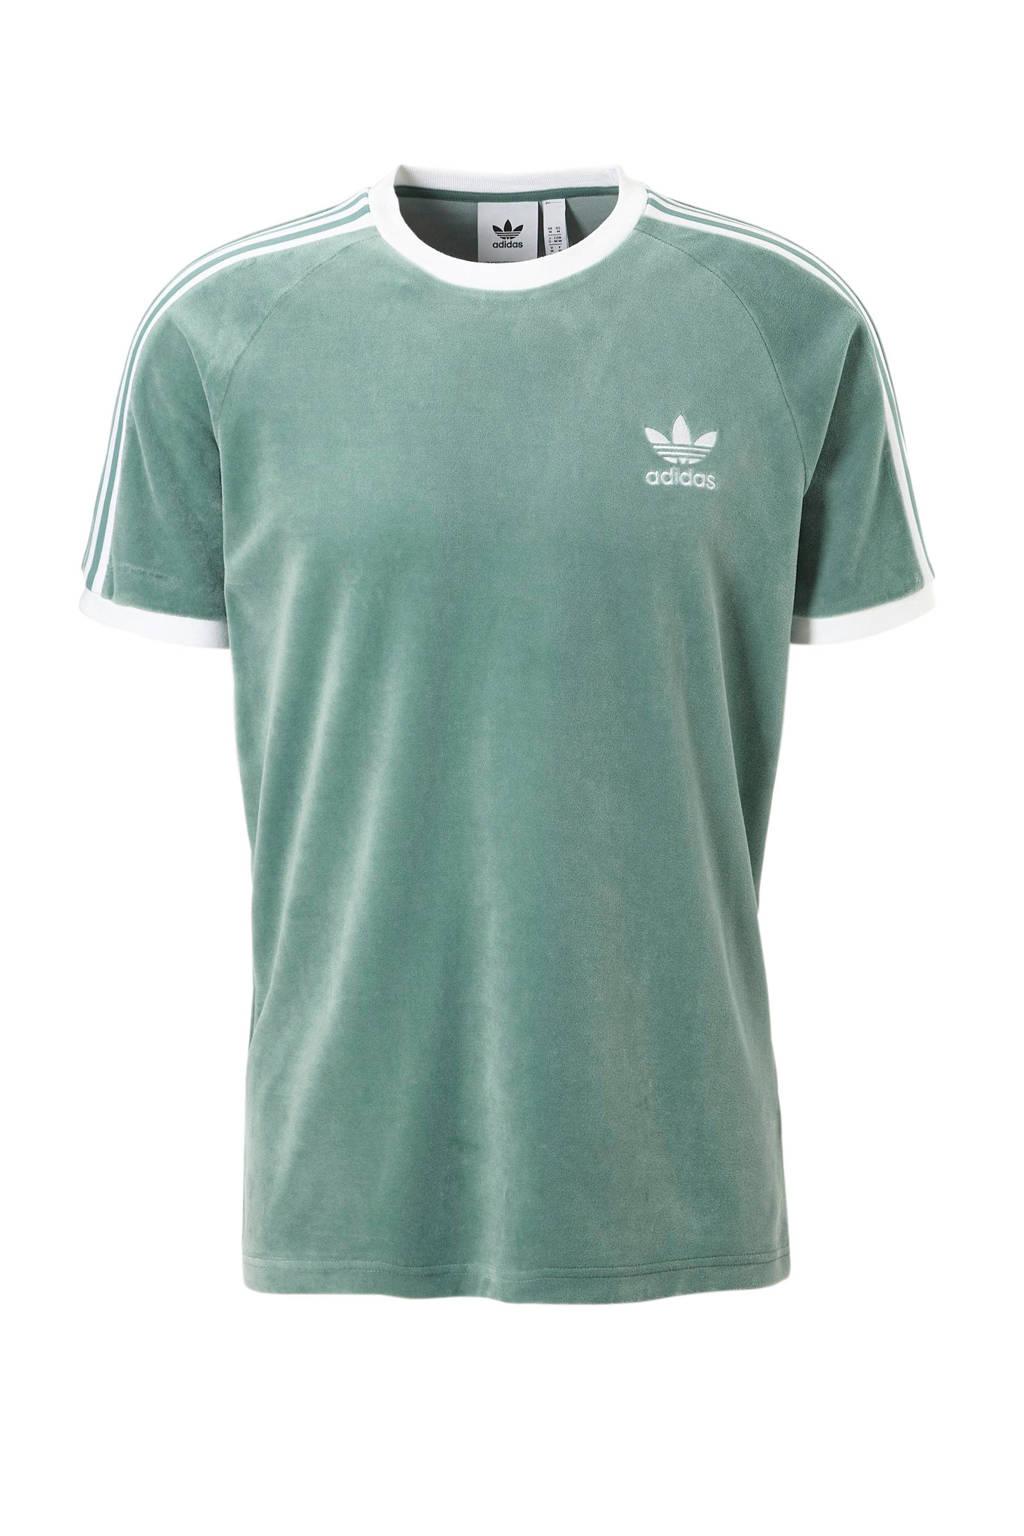 adidas originals   T-shirt mintgroen, Mintgroen